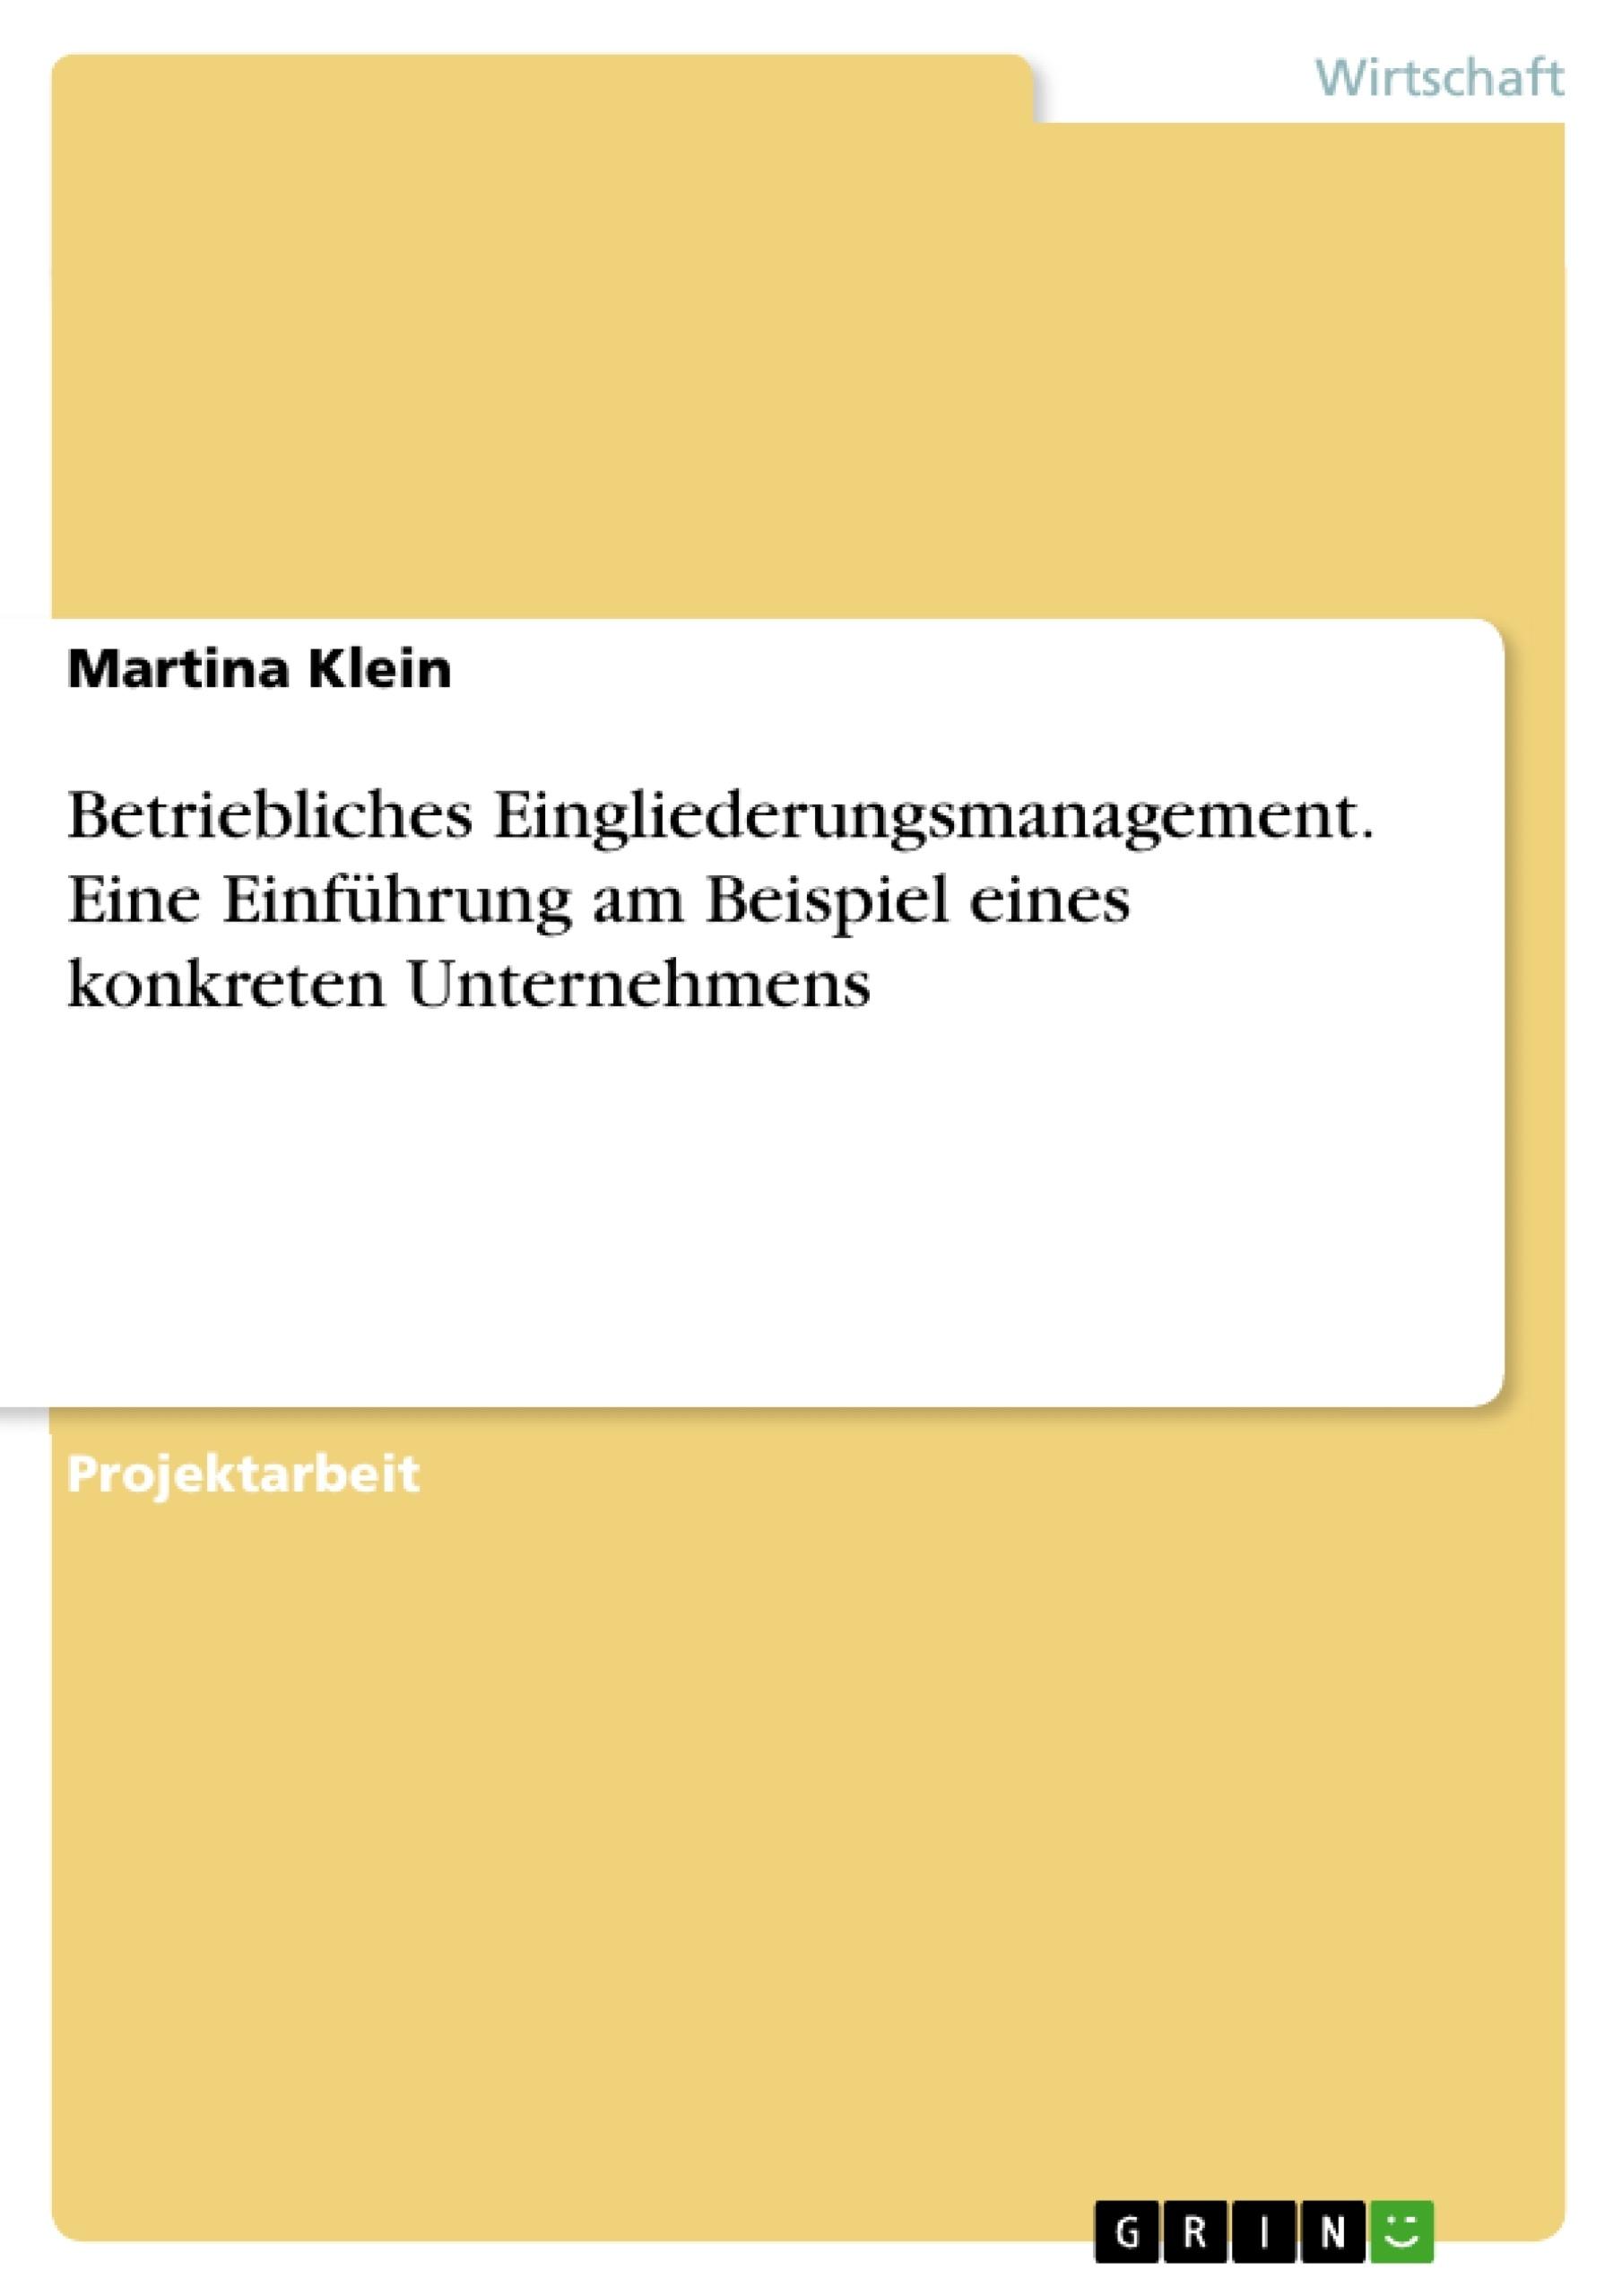 Titel: Betriebliches Eingliederungsmanagement. Eine Einführung am Beispiel eines konkreten Unternehmens